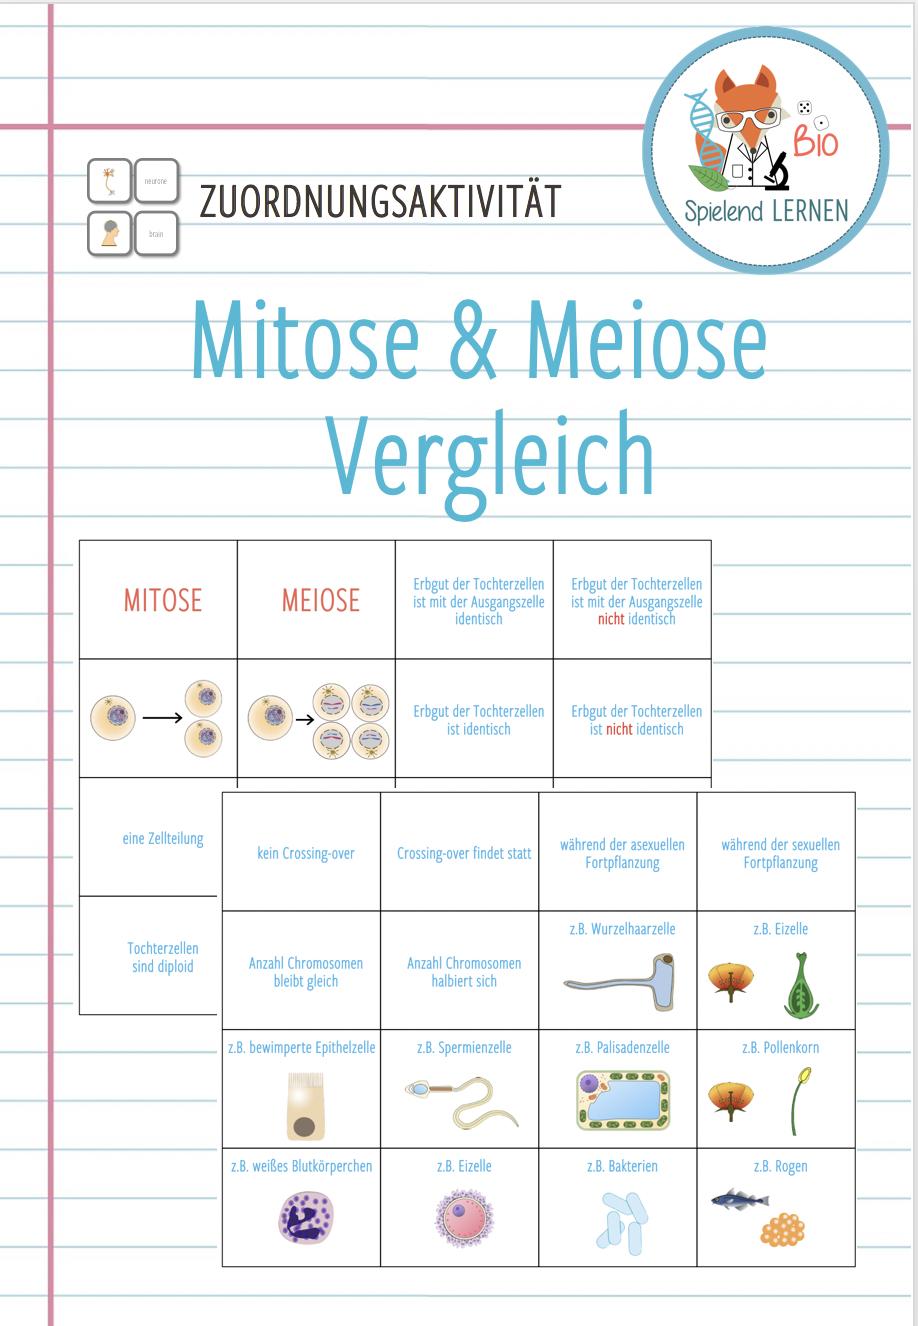 Mitose Und Meiose Vergleich Zuordnungsaktivitat Lernen Tipps Schule Biologie Unterrichten Unterrichten